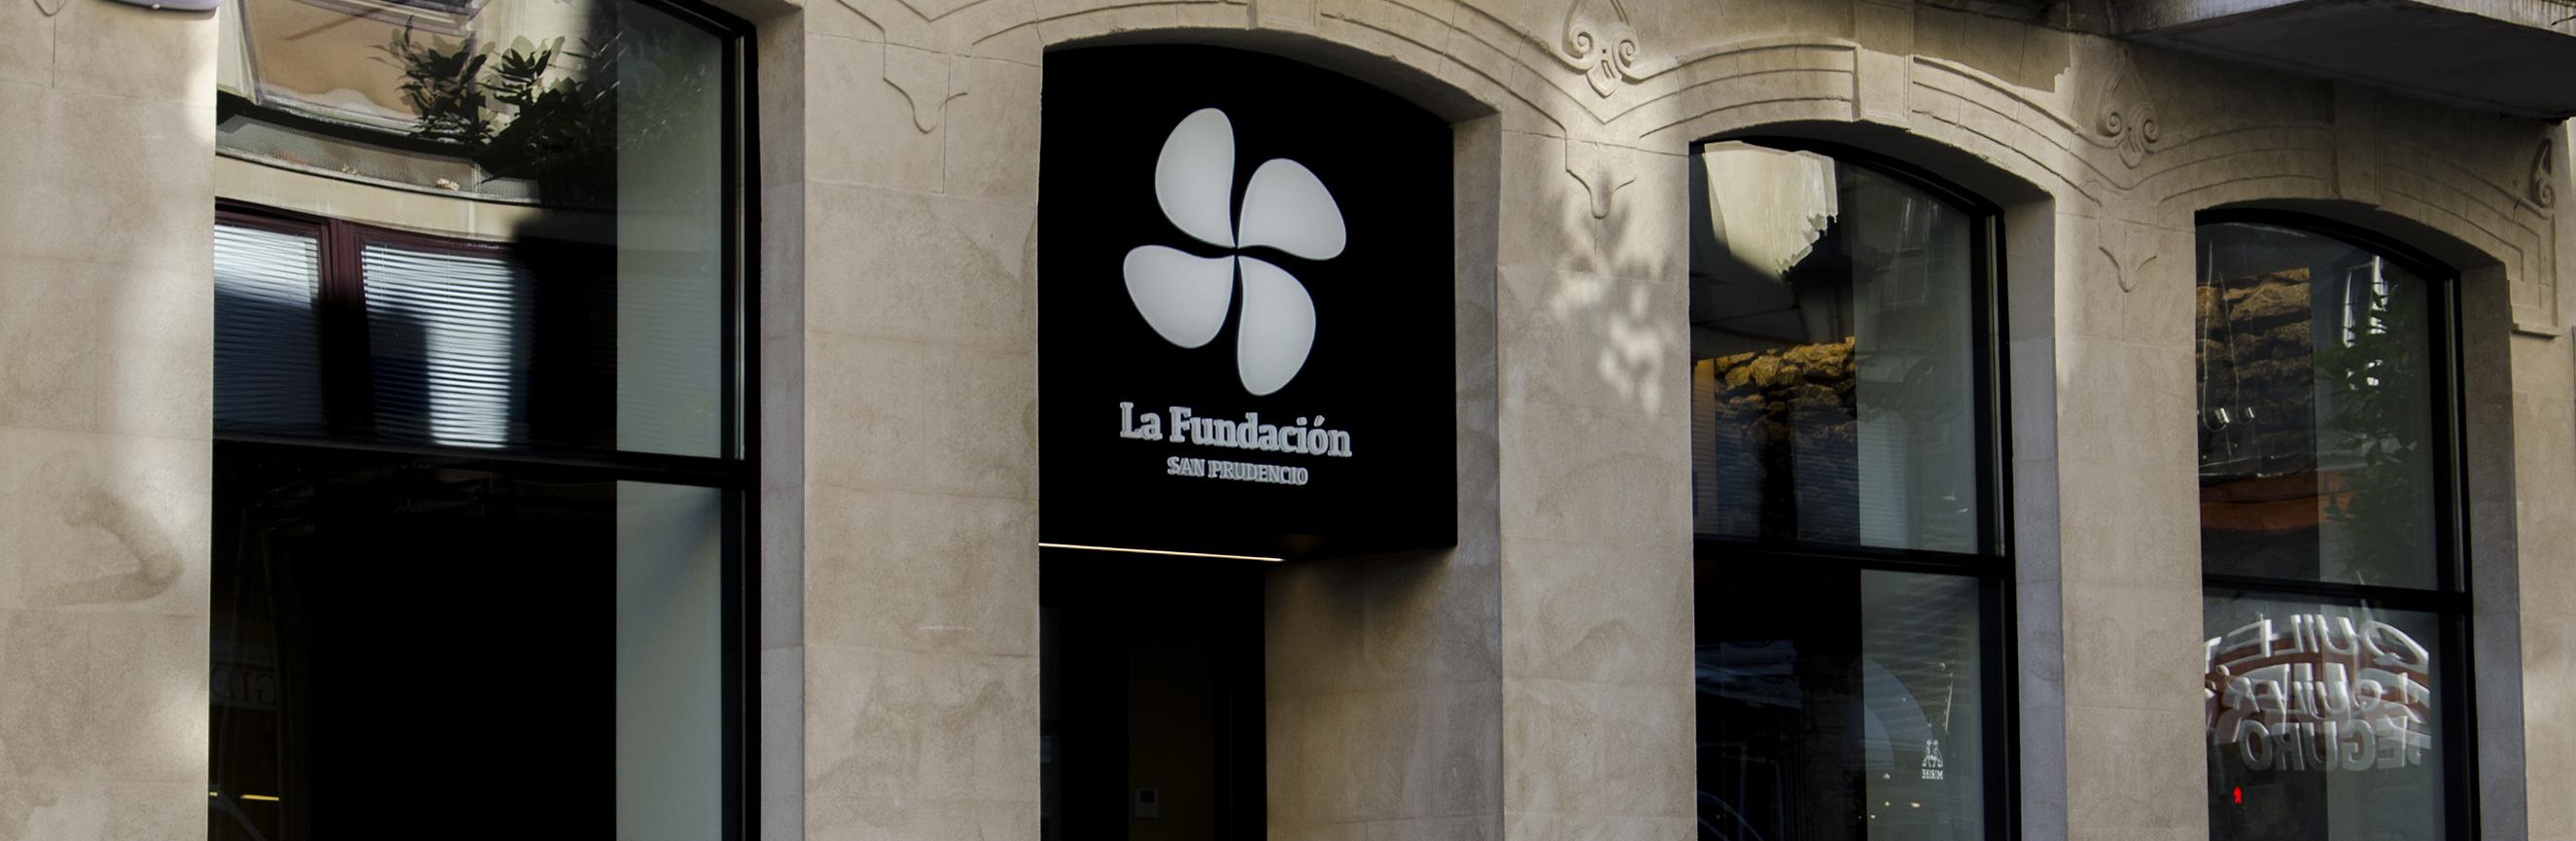 foto del centro Nordic Klinika en La Fundación San Prudencio en Vitoria